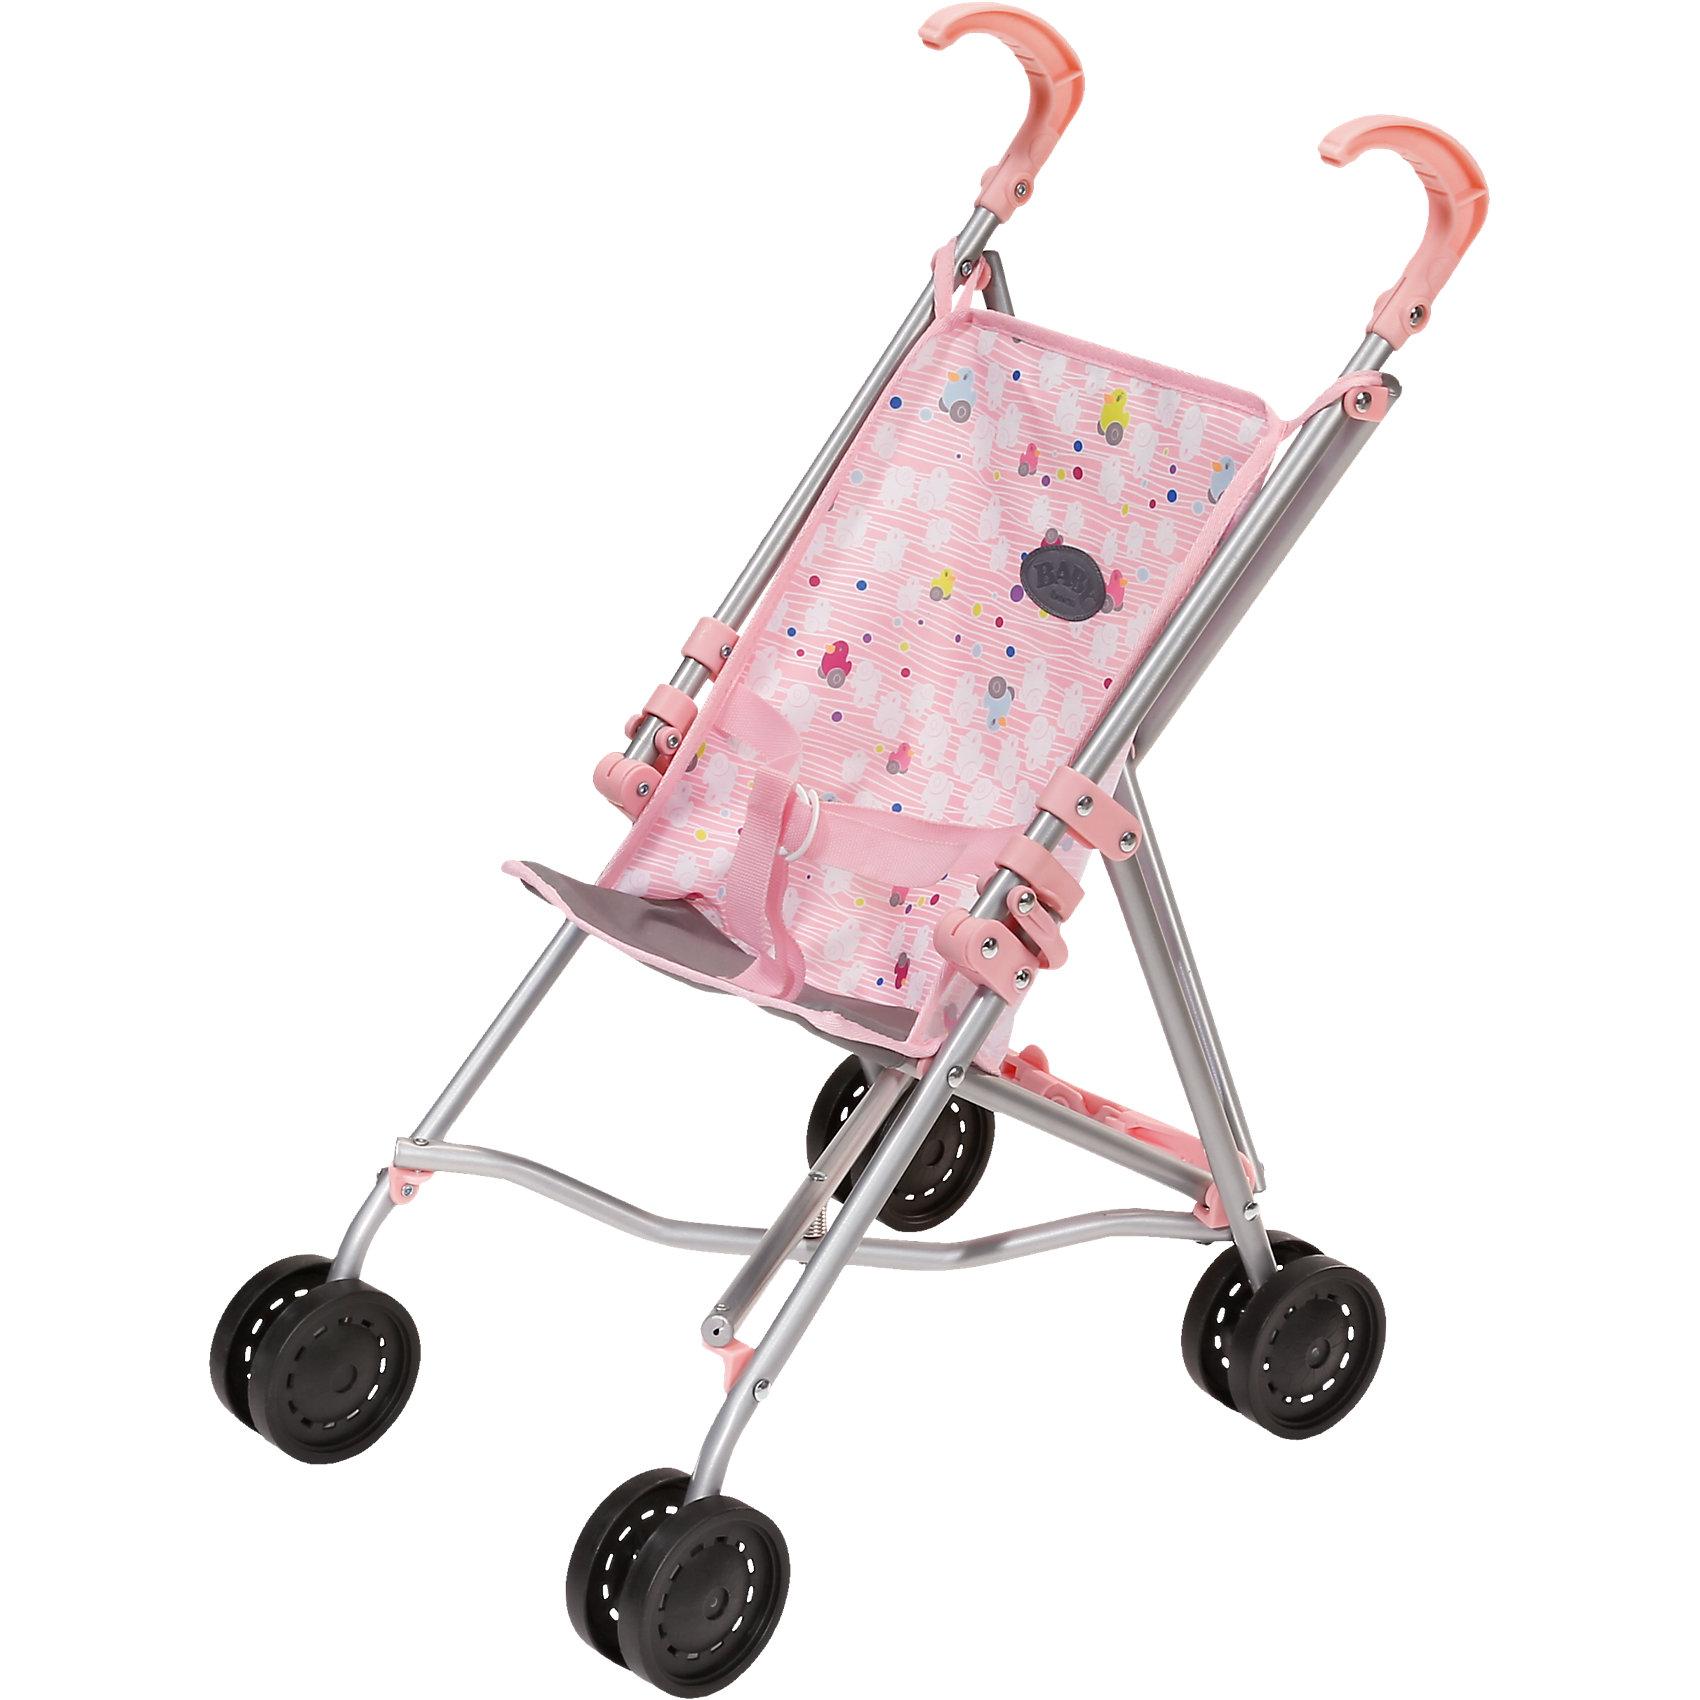 Коляска-трость, BABY bornБренды кукол<br>Небольшая складная коляска для куклы Бэби Борн. Коляска выполнена из легких, но очень прочных материалов – облегченного металла и пластика. Оборудована надежными ремнями безопасности, с помощью которых можно закрепить куклу на сидении. Довольно большие колёса обеспечивают удобное управление и высокую проходимость. В собранном виде коляска очень компактна и занимает совсем немного места.<br><br>Ширина мм: 591<br>Глубина мм: 124<br>Высота мм: 121<br>Вес г: 998<br>Возраст от месяцев: 36<br>Возраст до месяцев: 60<br>Пол: Женский<br>Возраст: Детский<br>SKU: 4339341